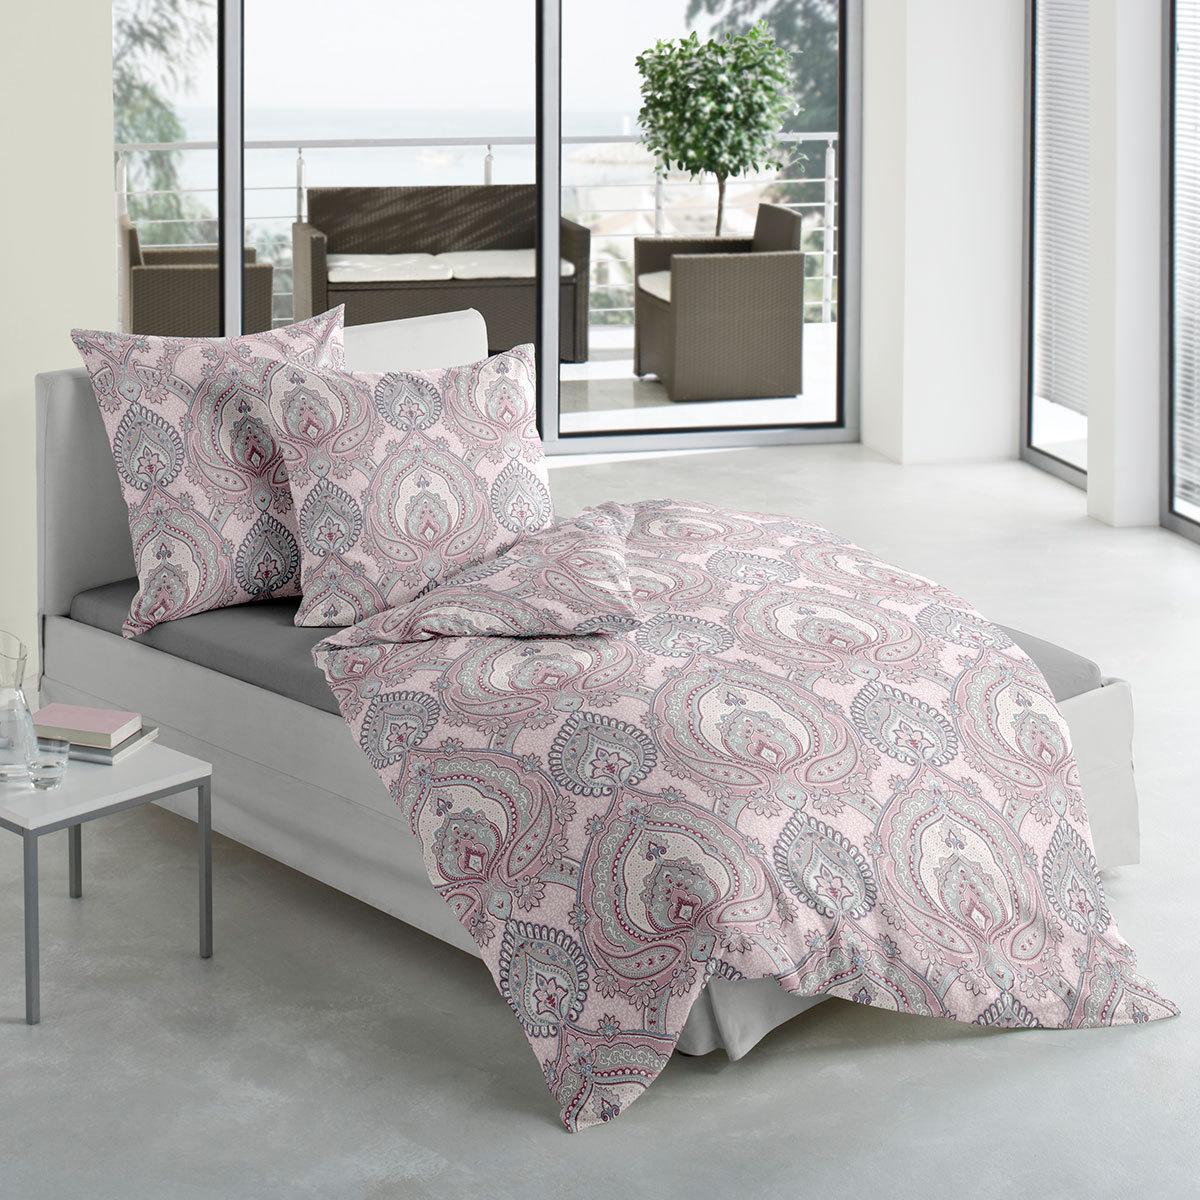 traumschlaf mako satin bettw sche royal ornament g nstig online kaufen bei bettwaren shop. Black Bedroom Furniture Sets. Home Design Ideas